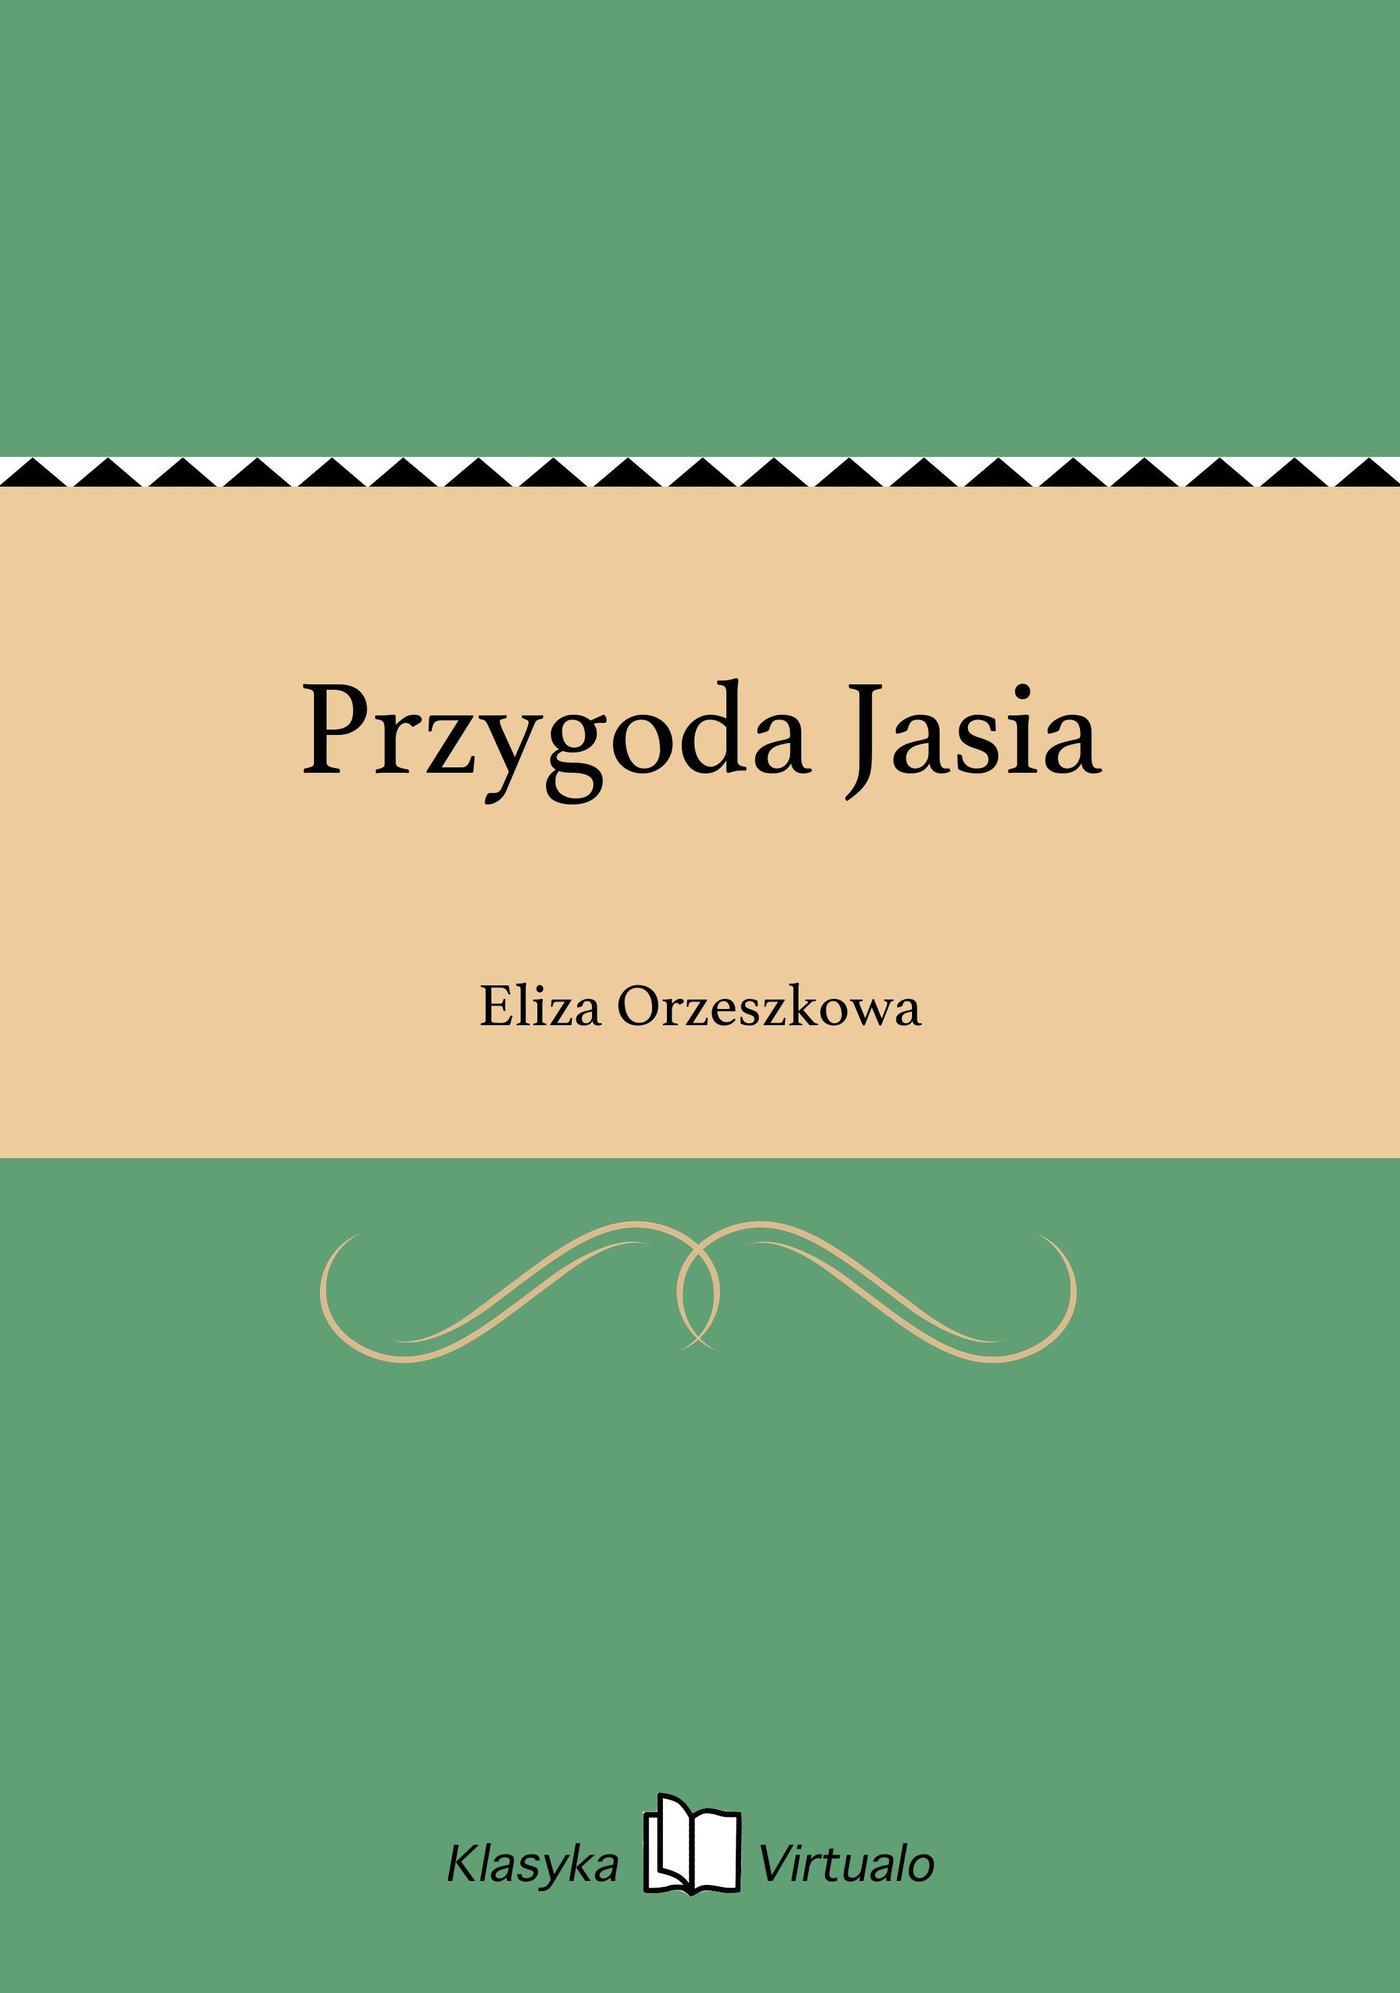 Przygoda Jasia - Ebook (Książka EPUB) do pobrania w formacie EPUB